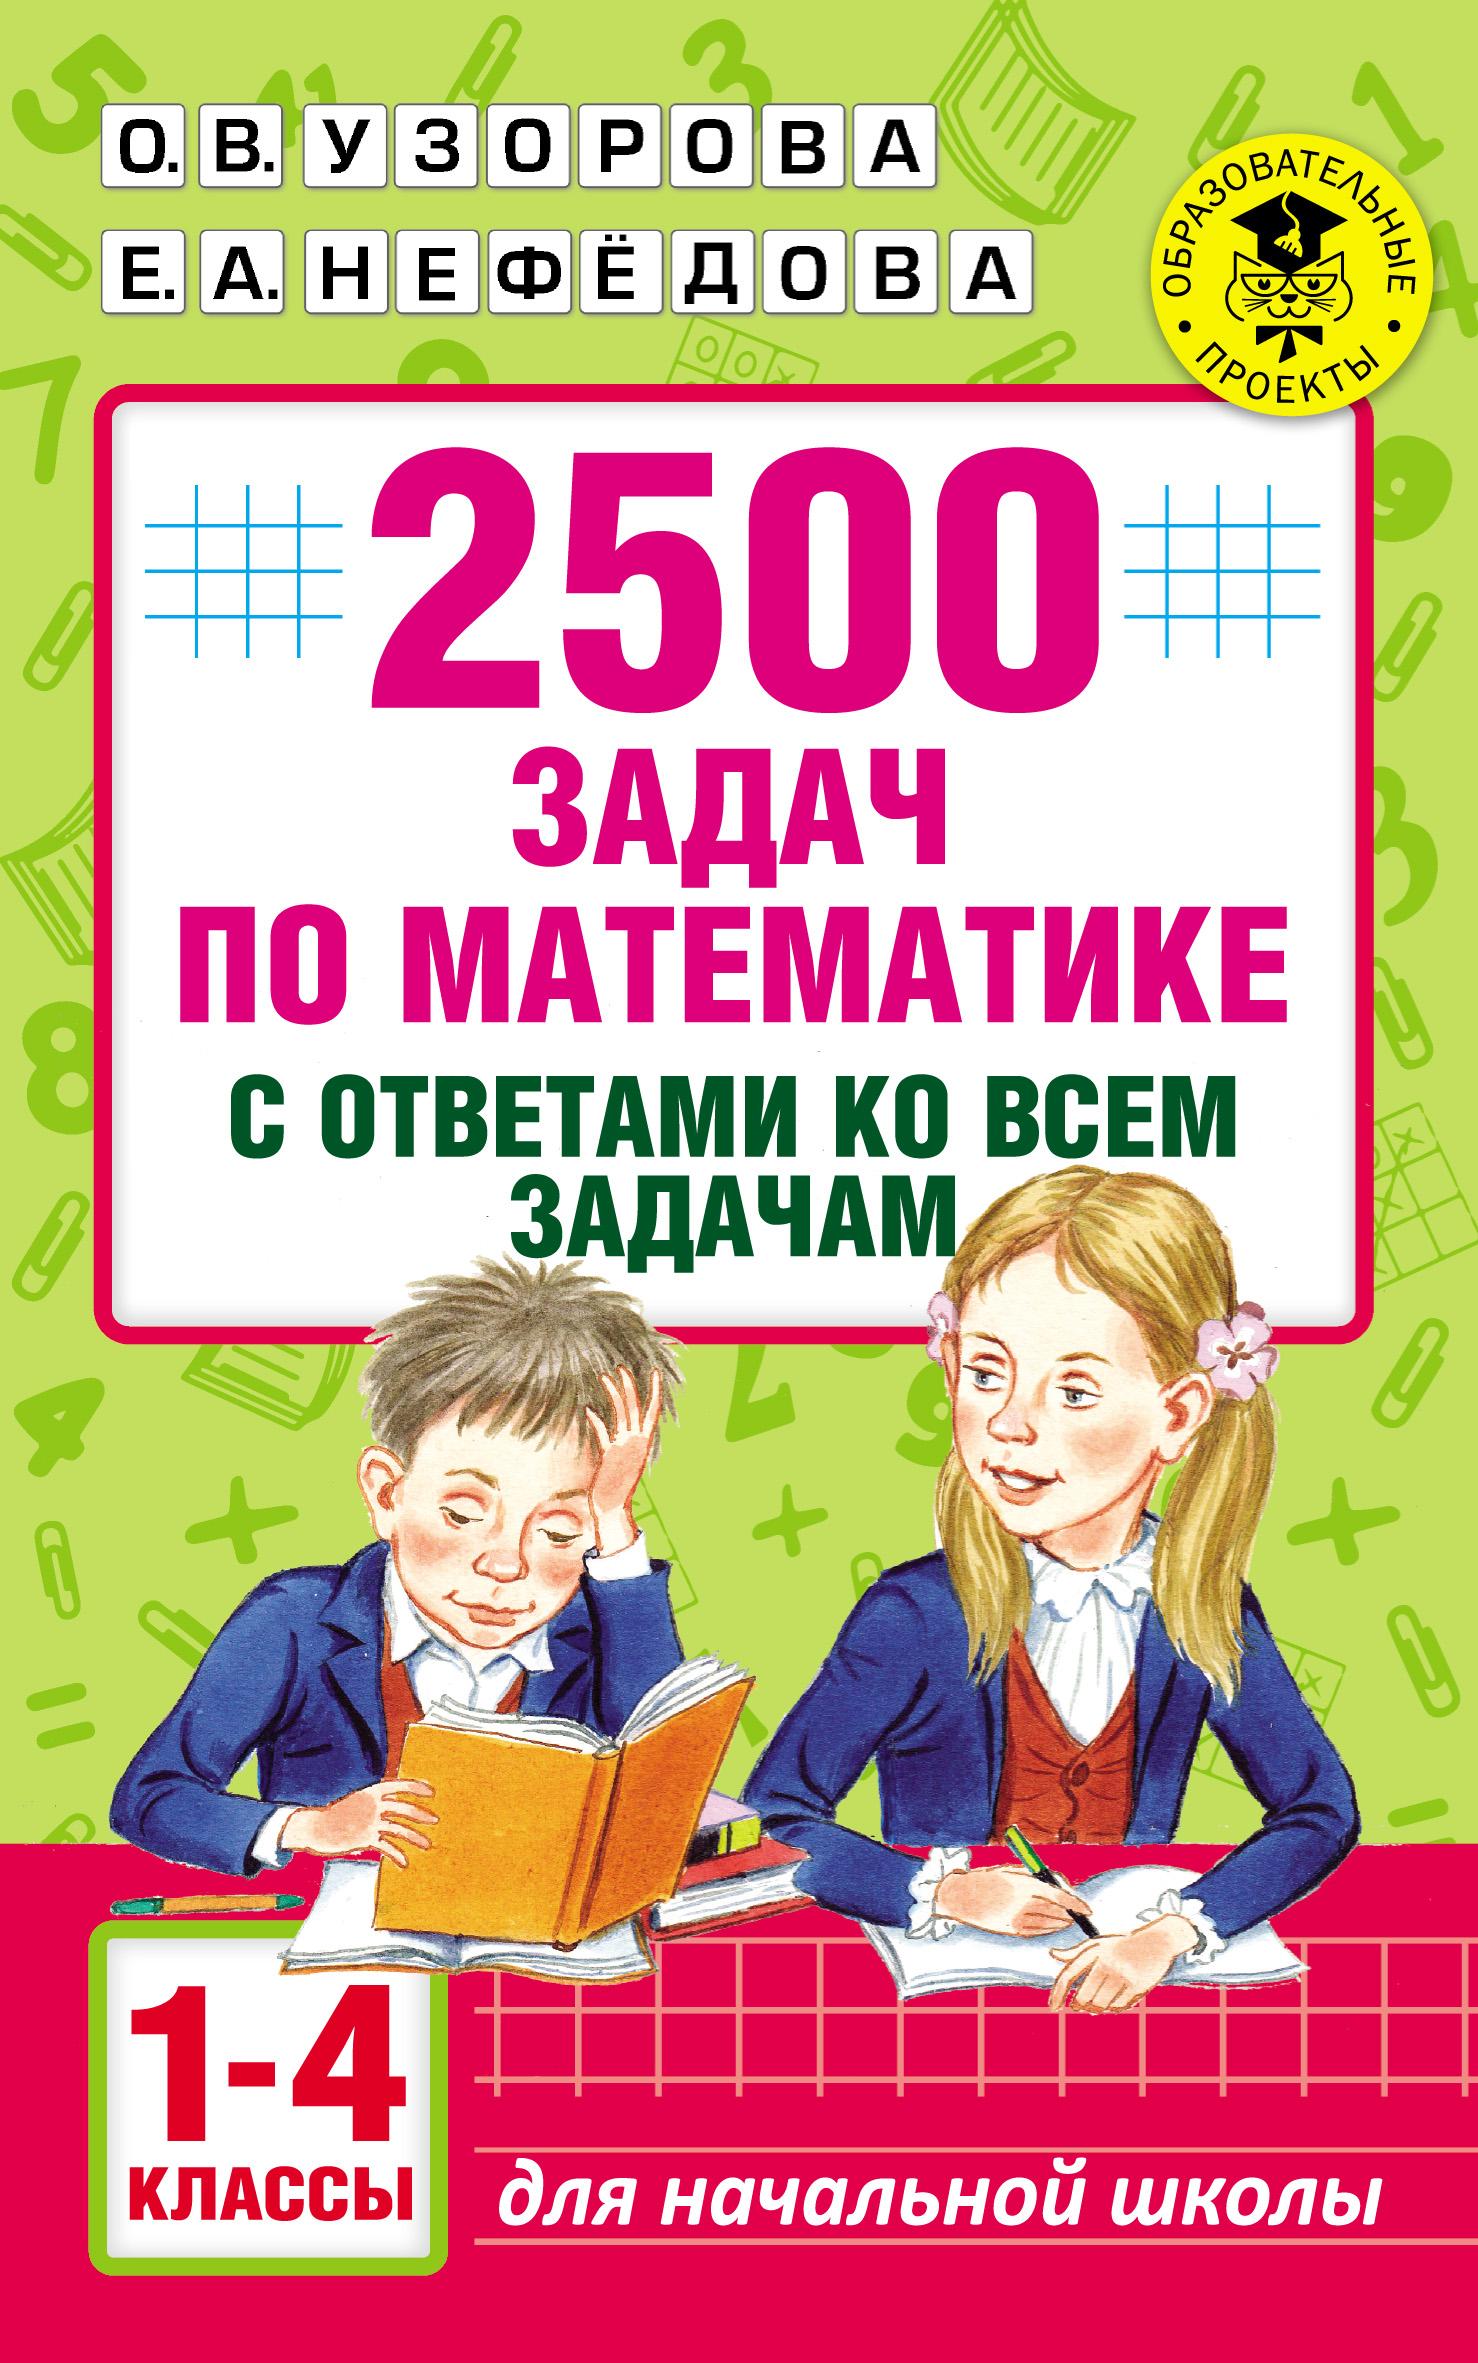 Фото - О. В. Узорова 2500 задач по математике с ответами ко всем задачам. 1-4 классы о в узорова 2500 задач по математике 1 4 классы